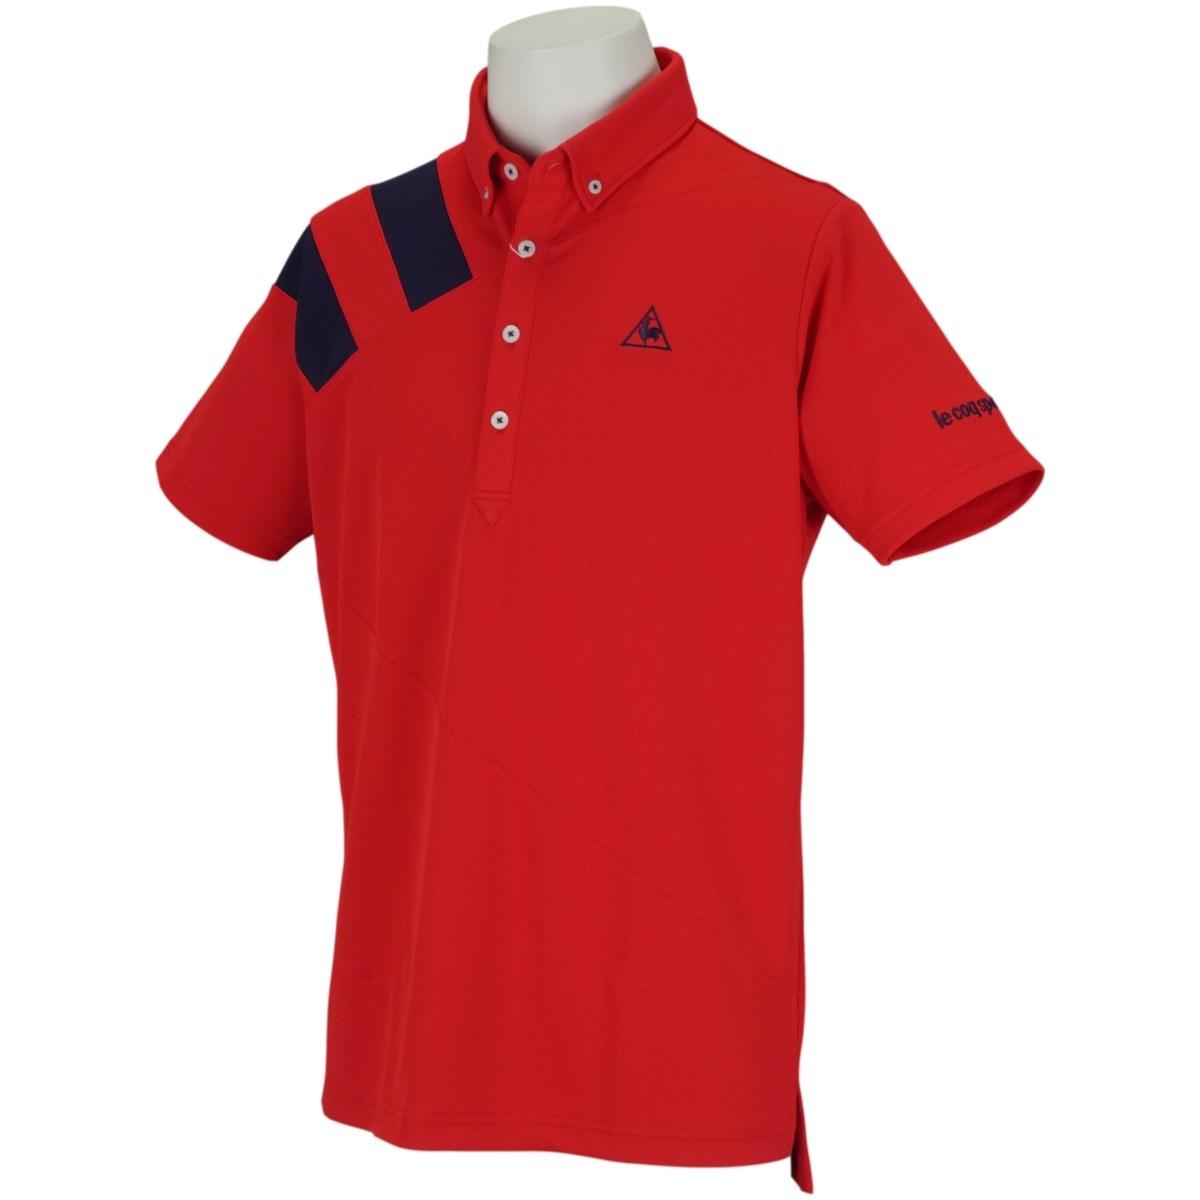 ルコックゴルフ Le coq sportif GOLF ボタンダウン半袖ポロシャツ LL レッド 00